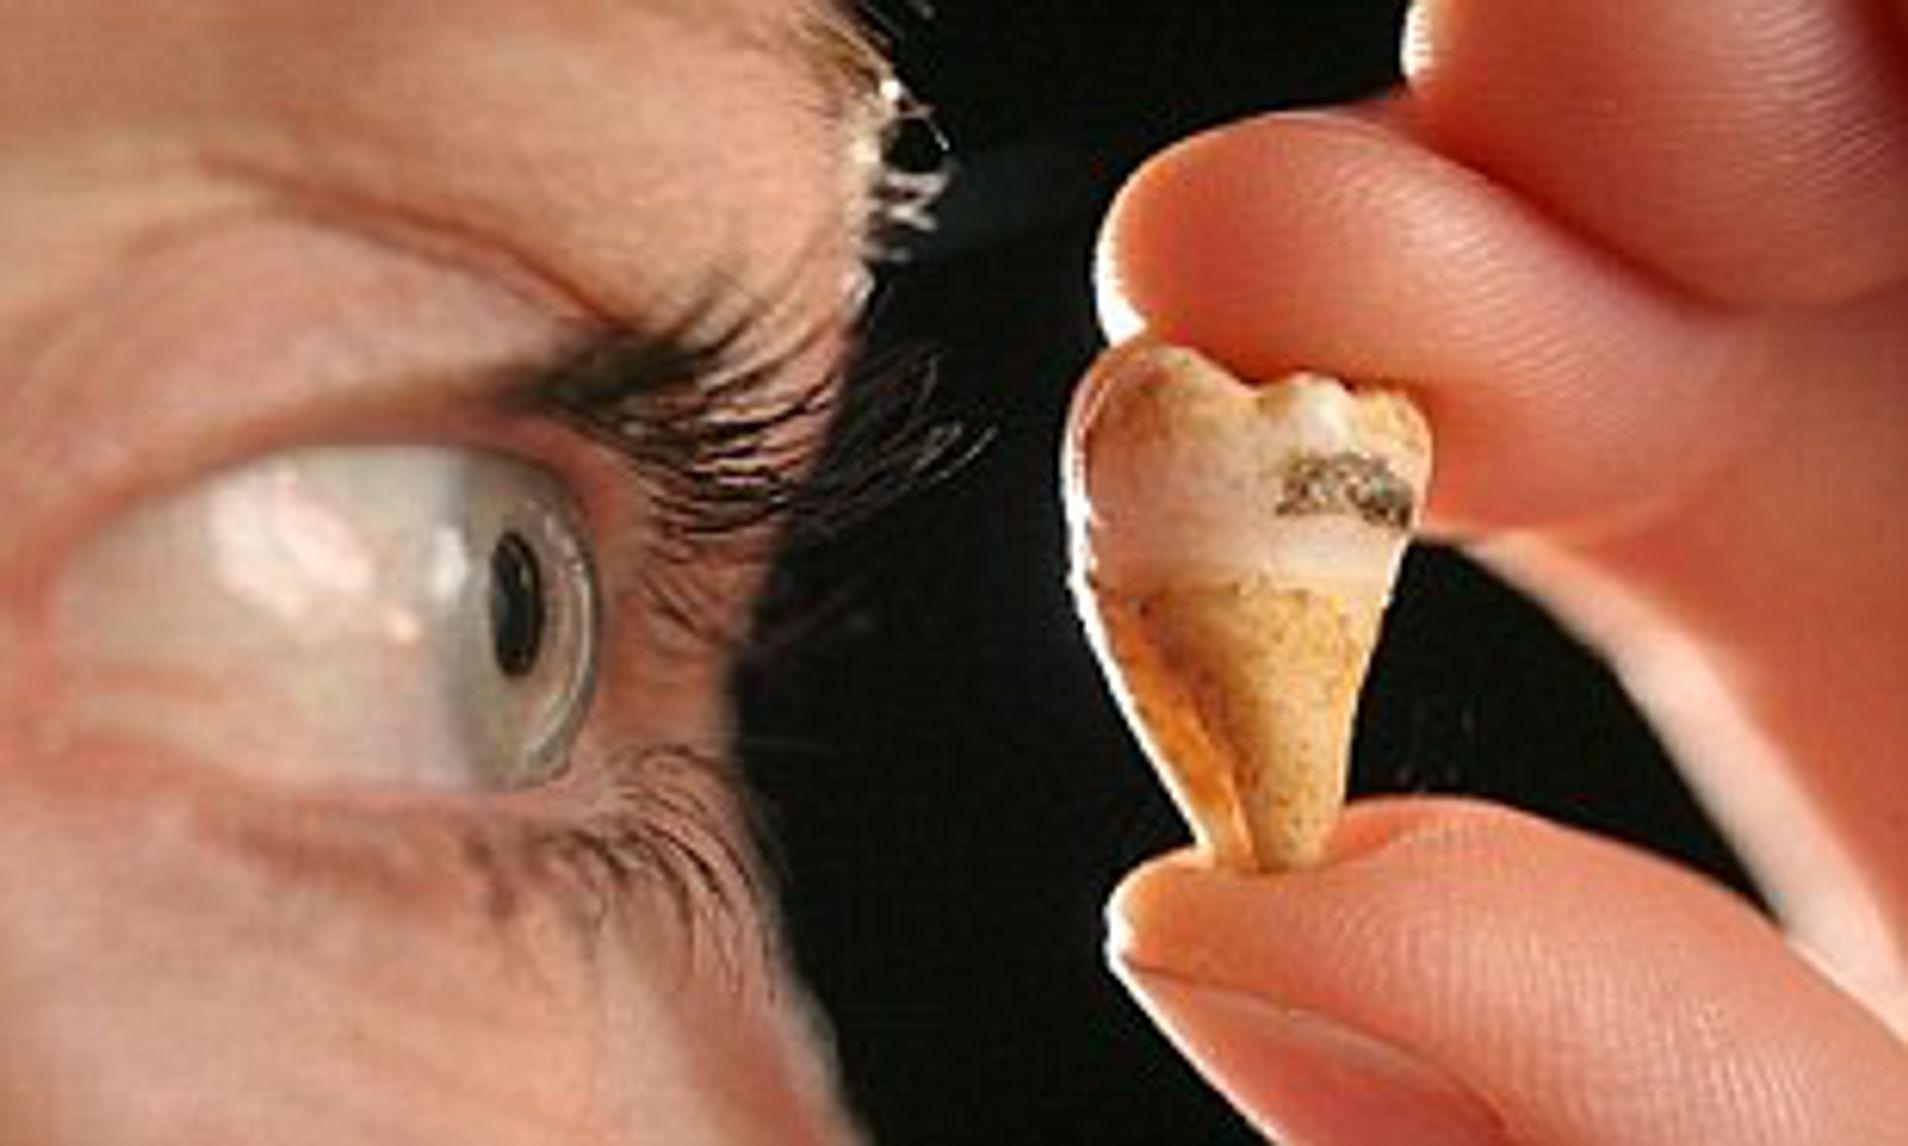 В будущем люди получат возможность вырастить утраченные зубы